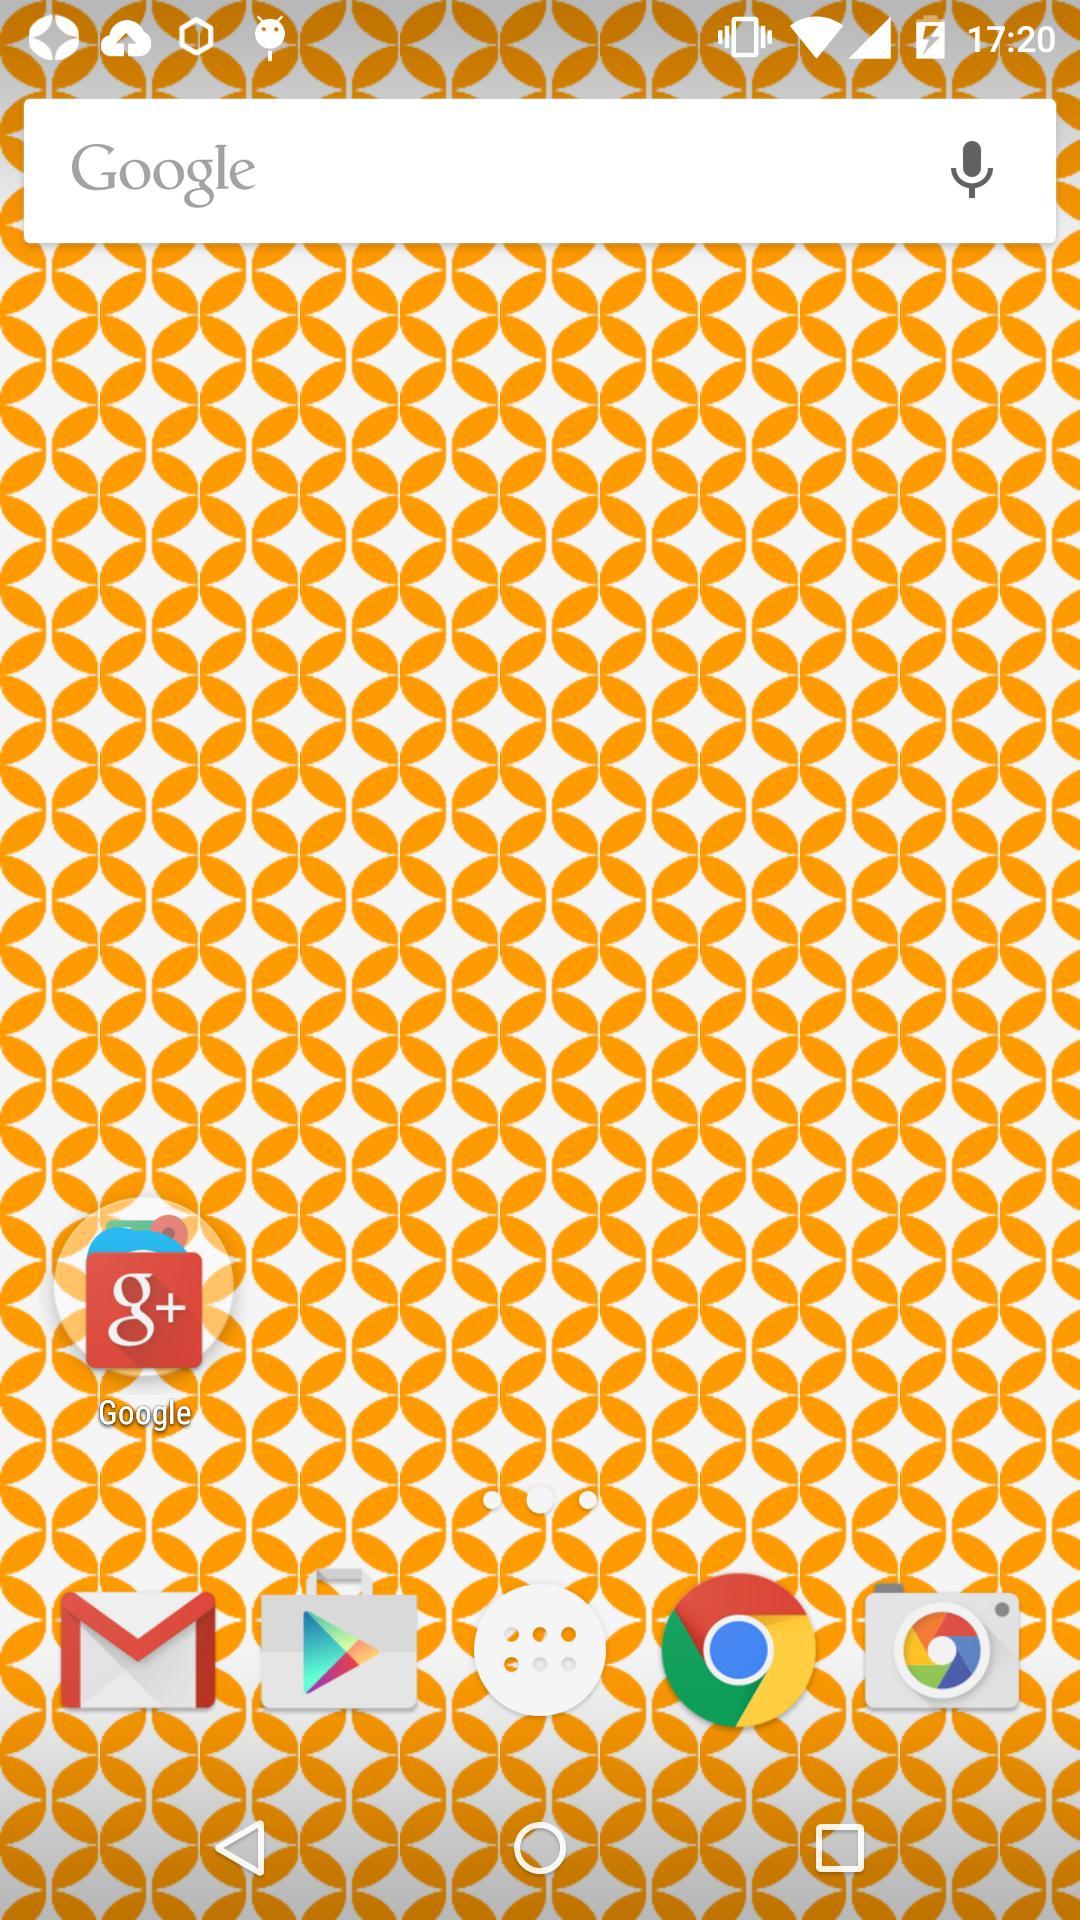 Android 用の 七宝 和柄の壁紙 無料版 Free Apk をダウンロード